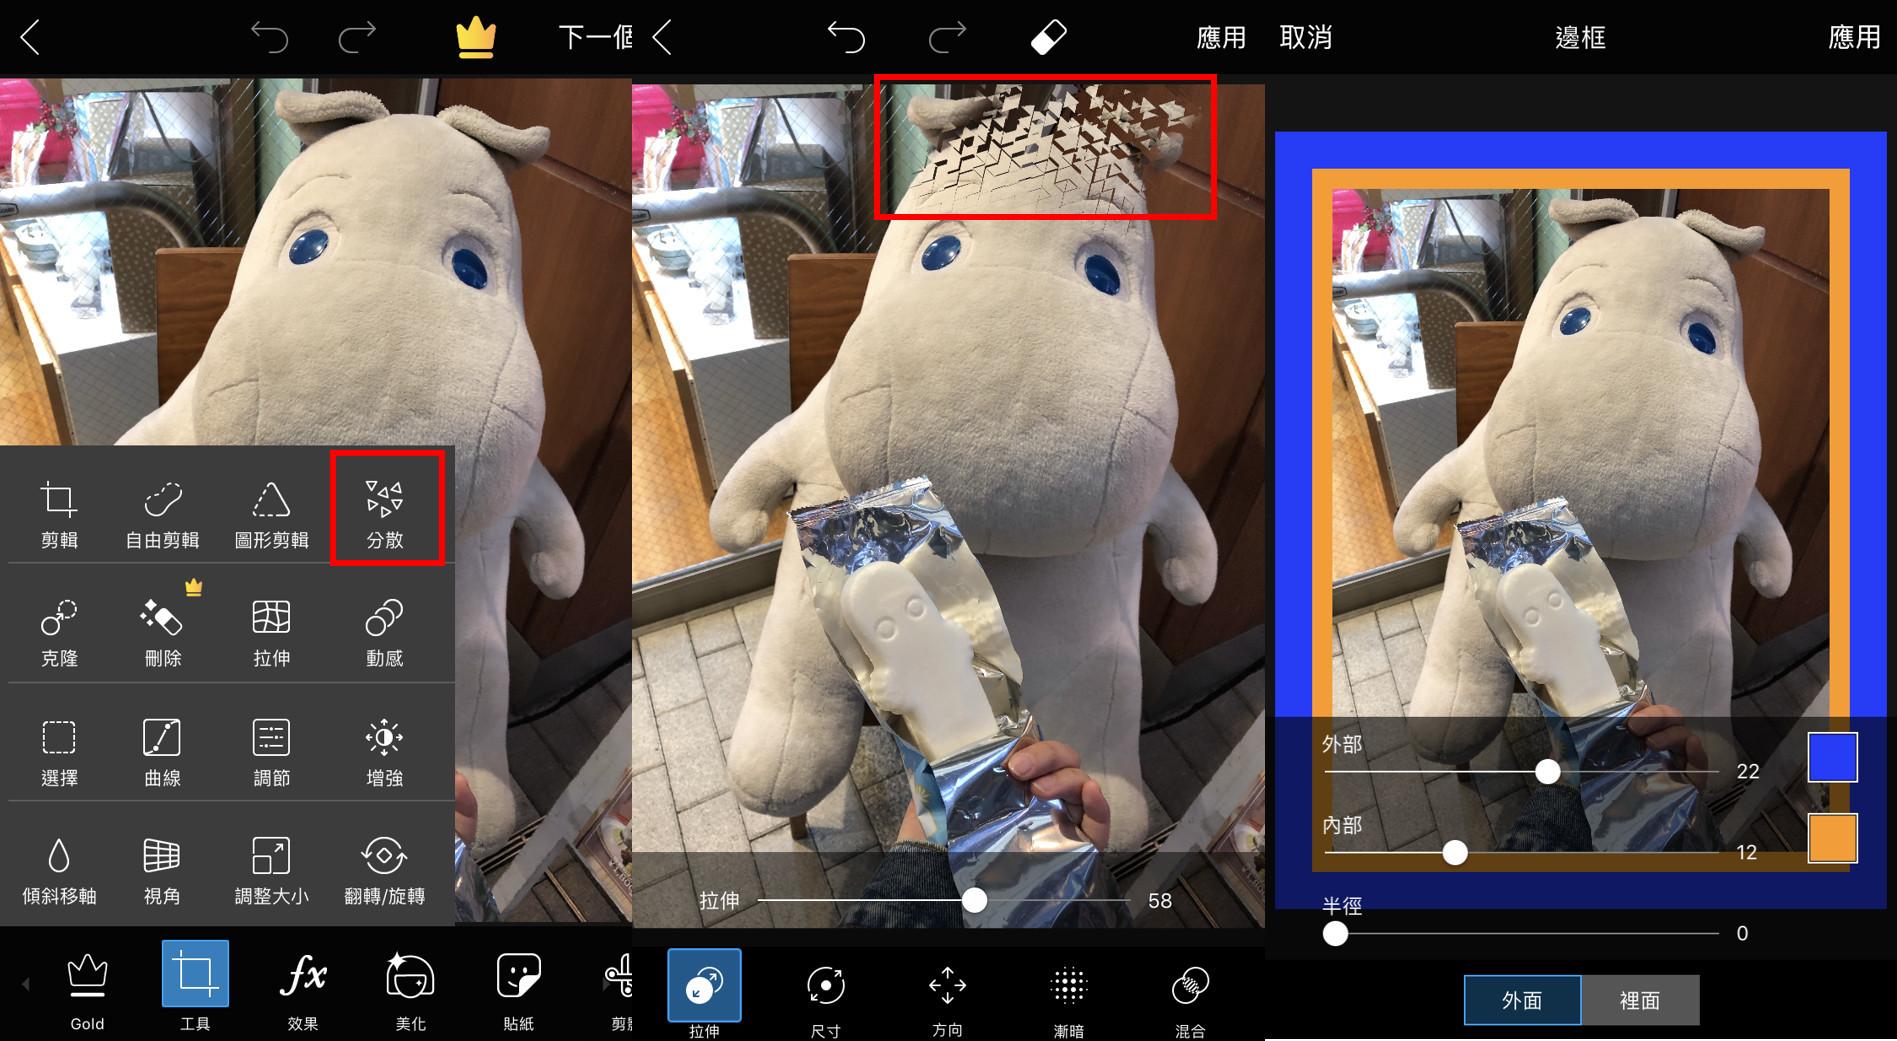 PicsArt編輯頁面-鯊客科技SEO網頁設計公司